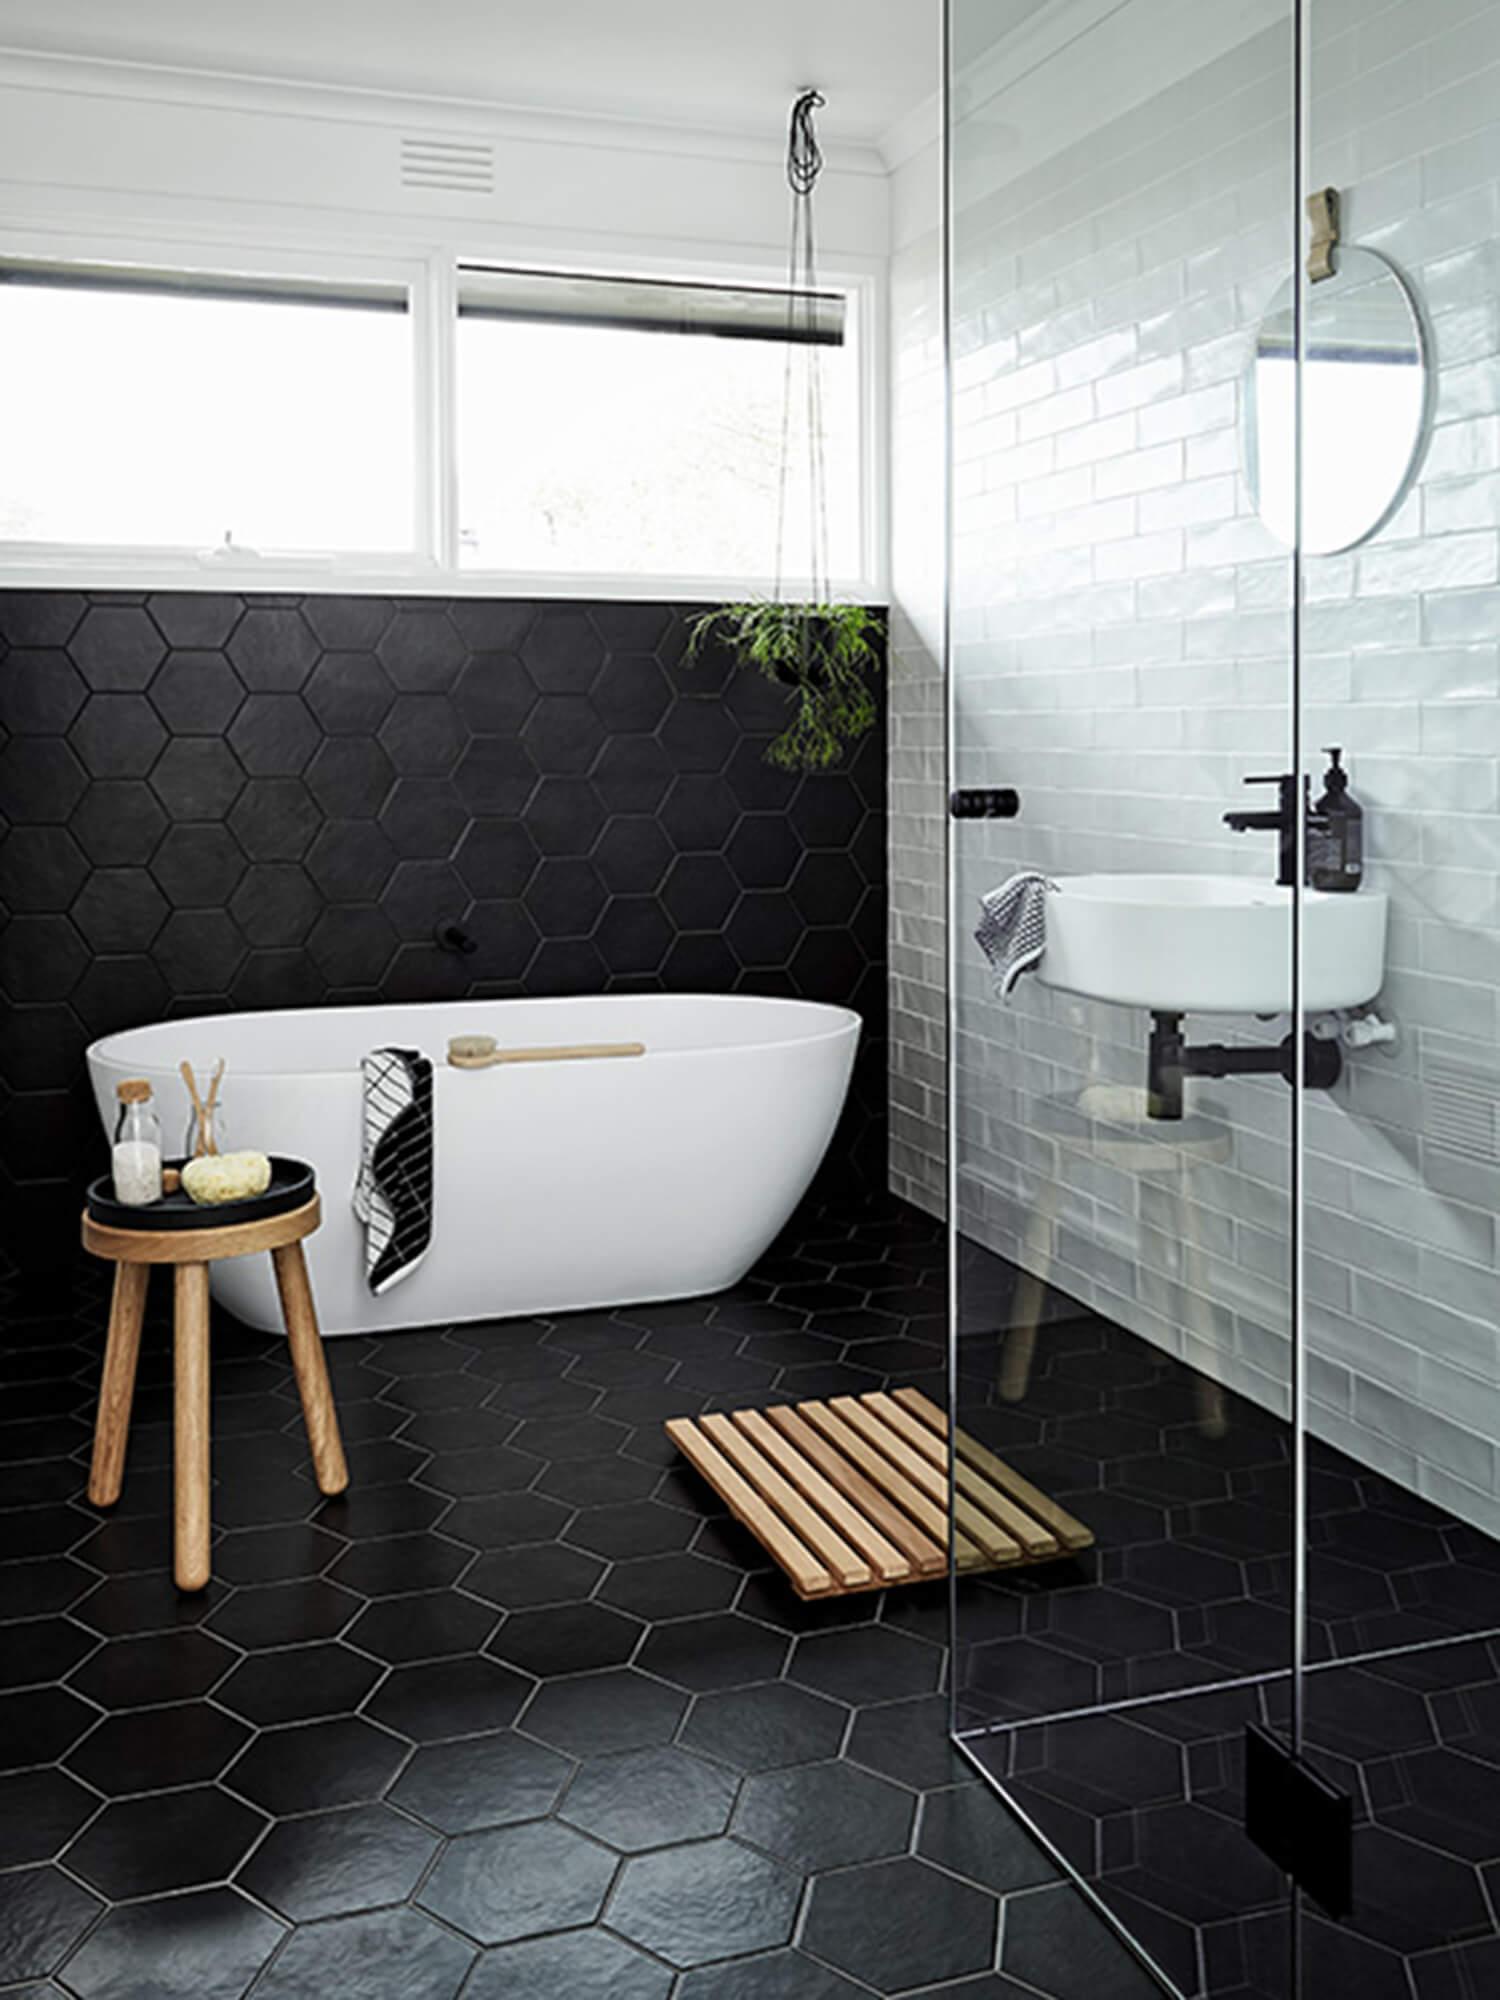 http://www.badkamers-voorbeelden.nl/afbeeldingen/de-mooie-badkamer-van-nord-house-2.jpg